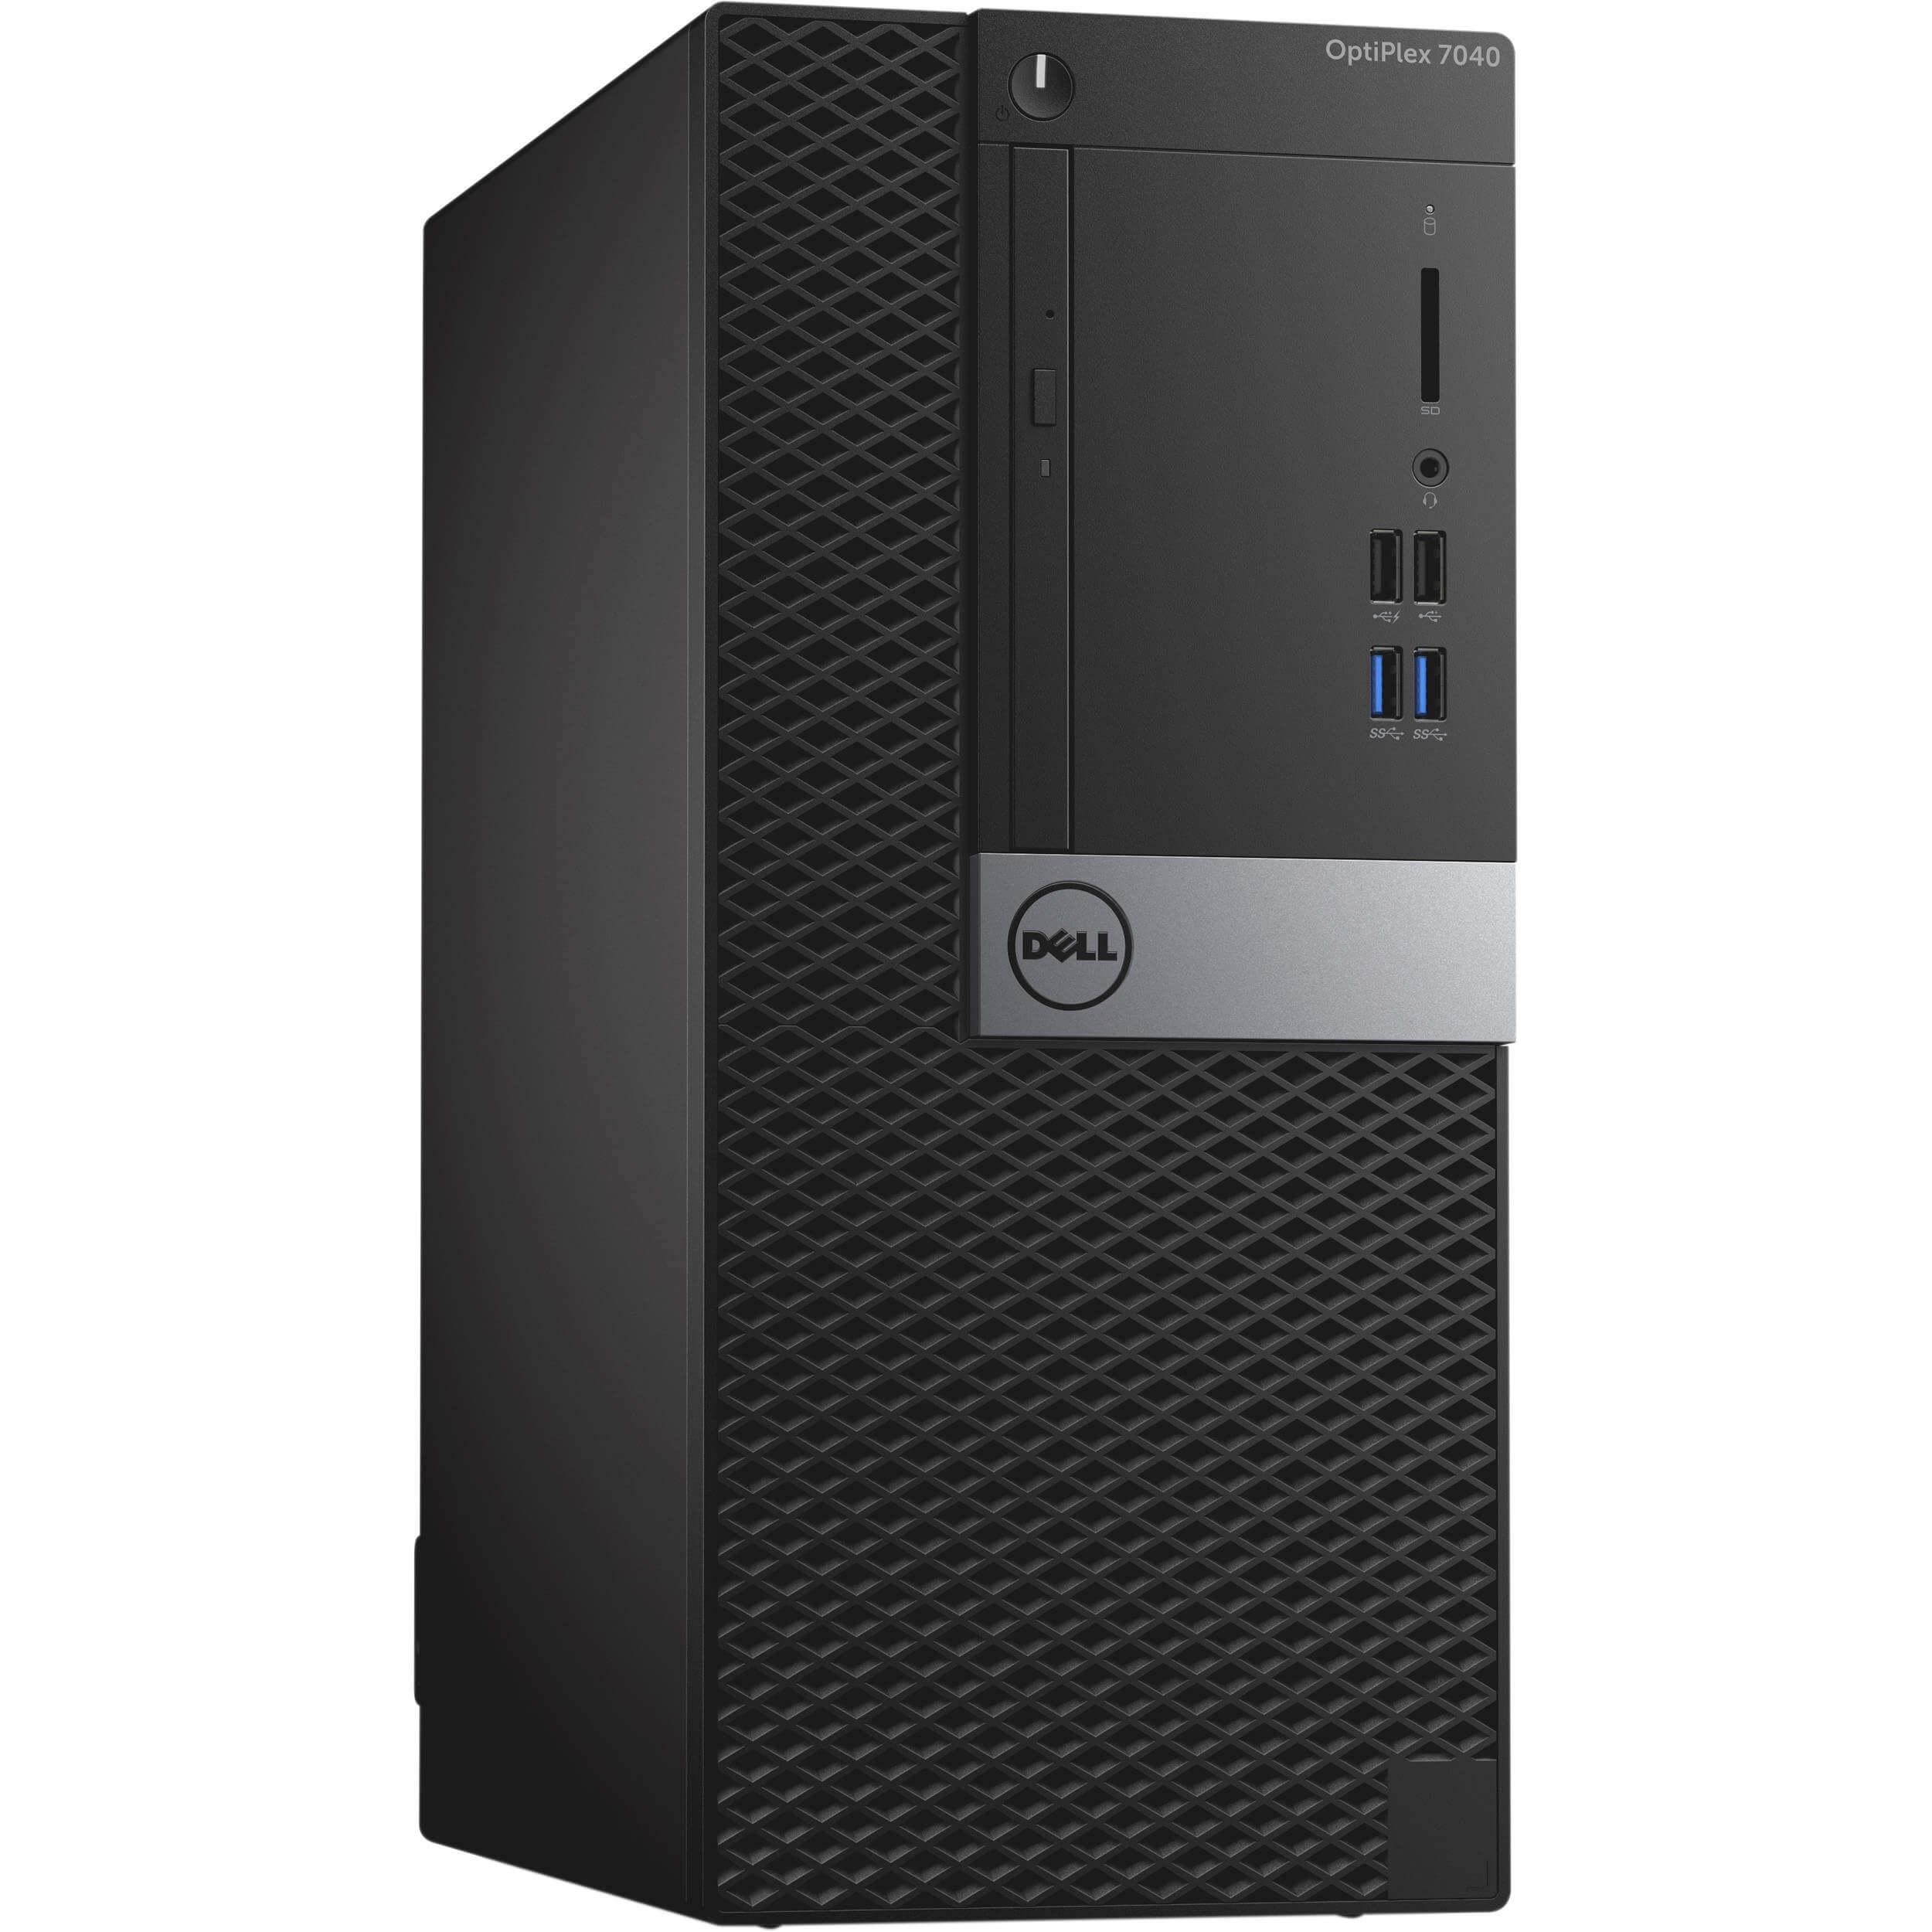 DELL 7040 MINI TOWER PENTIUM G4400 3.3 / 8192 MB DDR4 / 500 GB / DVD-RW / WINDOWS 10 PRO